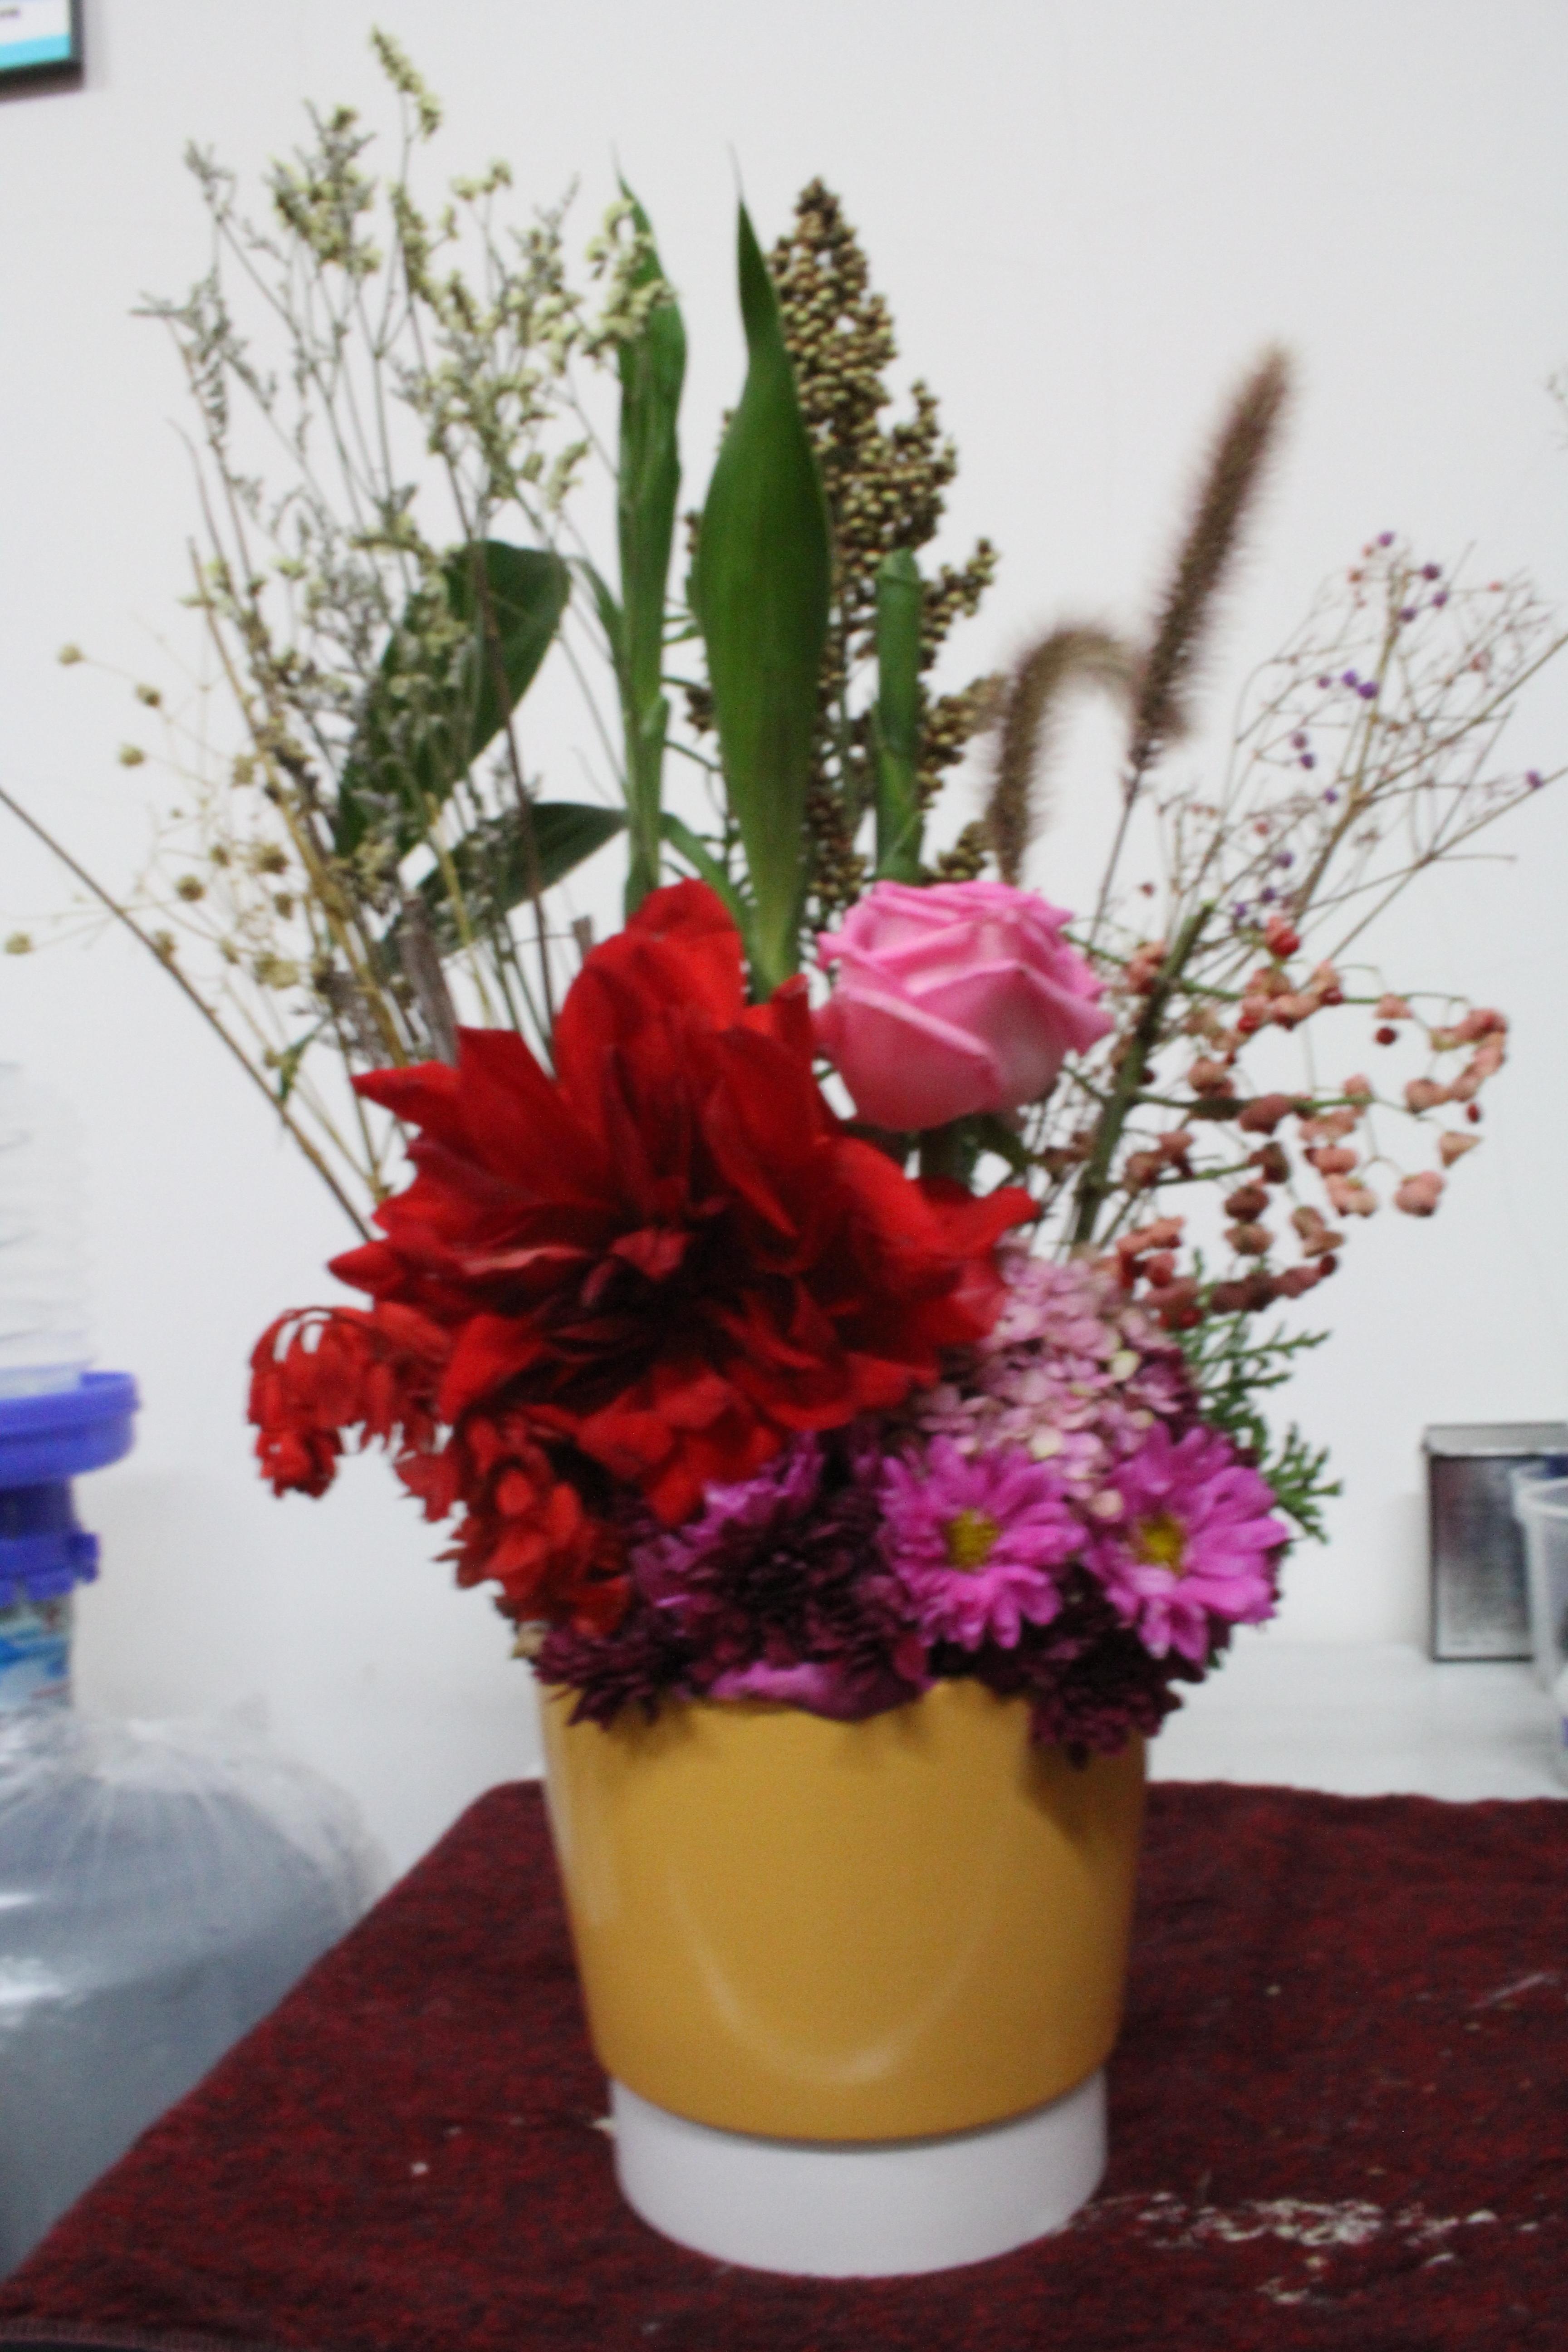 Banco De Imagens Flores Desenhar Flor Arranjo De Flores